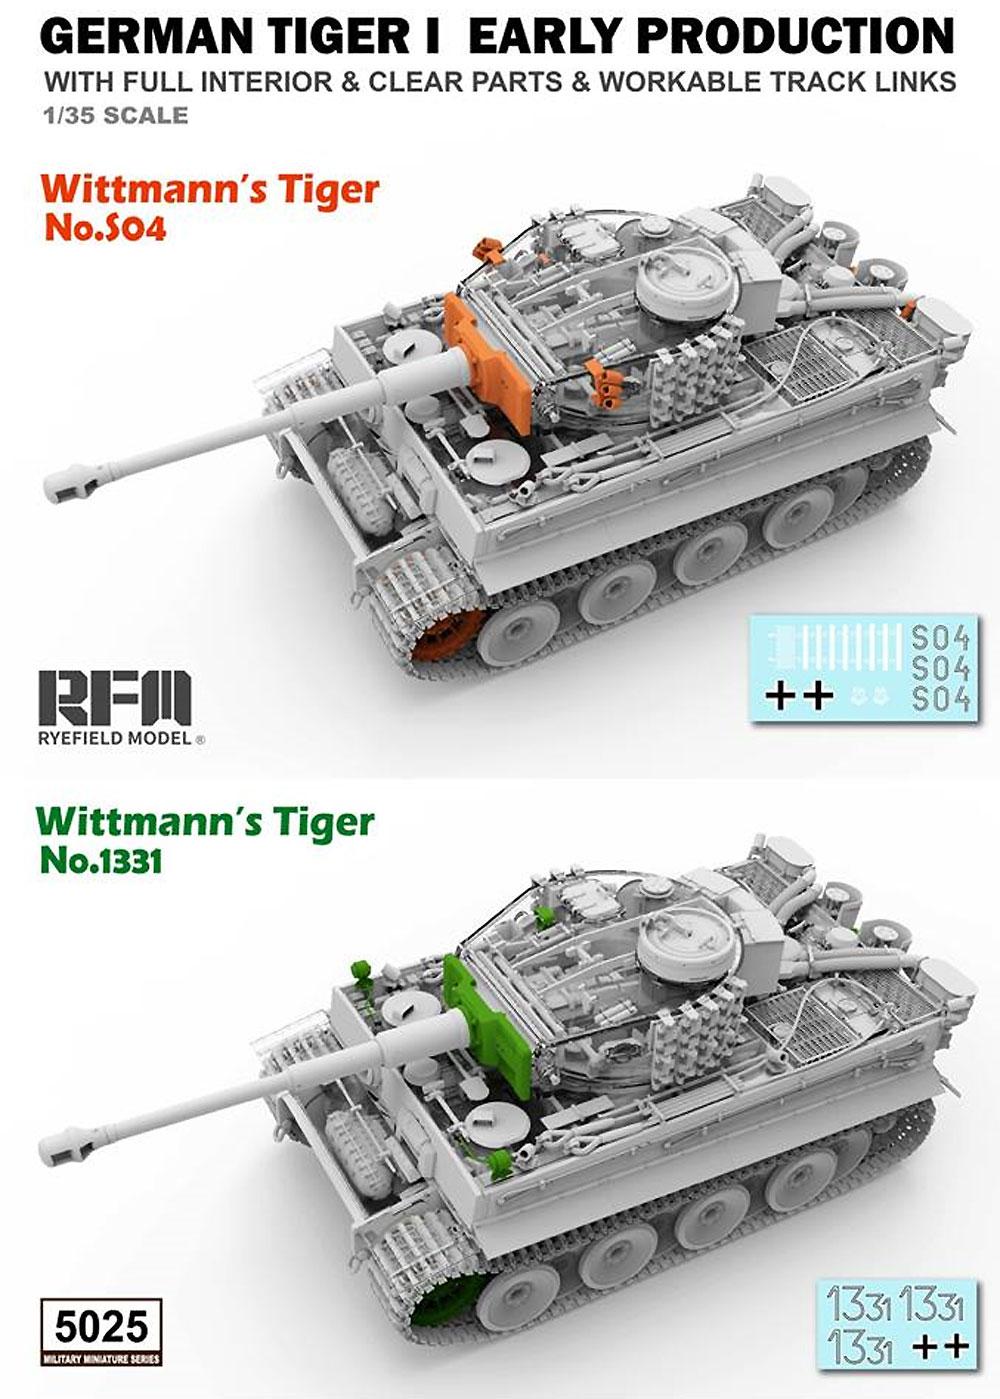 ドイツ重戦車 タイガー 1 前期型 ミハエル・ヴィットマン w/フルインテリア & クリアパーツプラモデル(ライ フィールド モデル1/35 Military Miniature SeriesNo.5025)商品画像_1